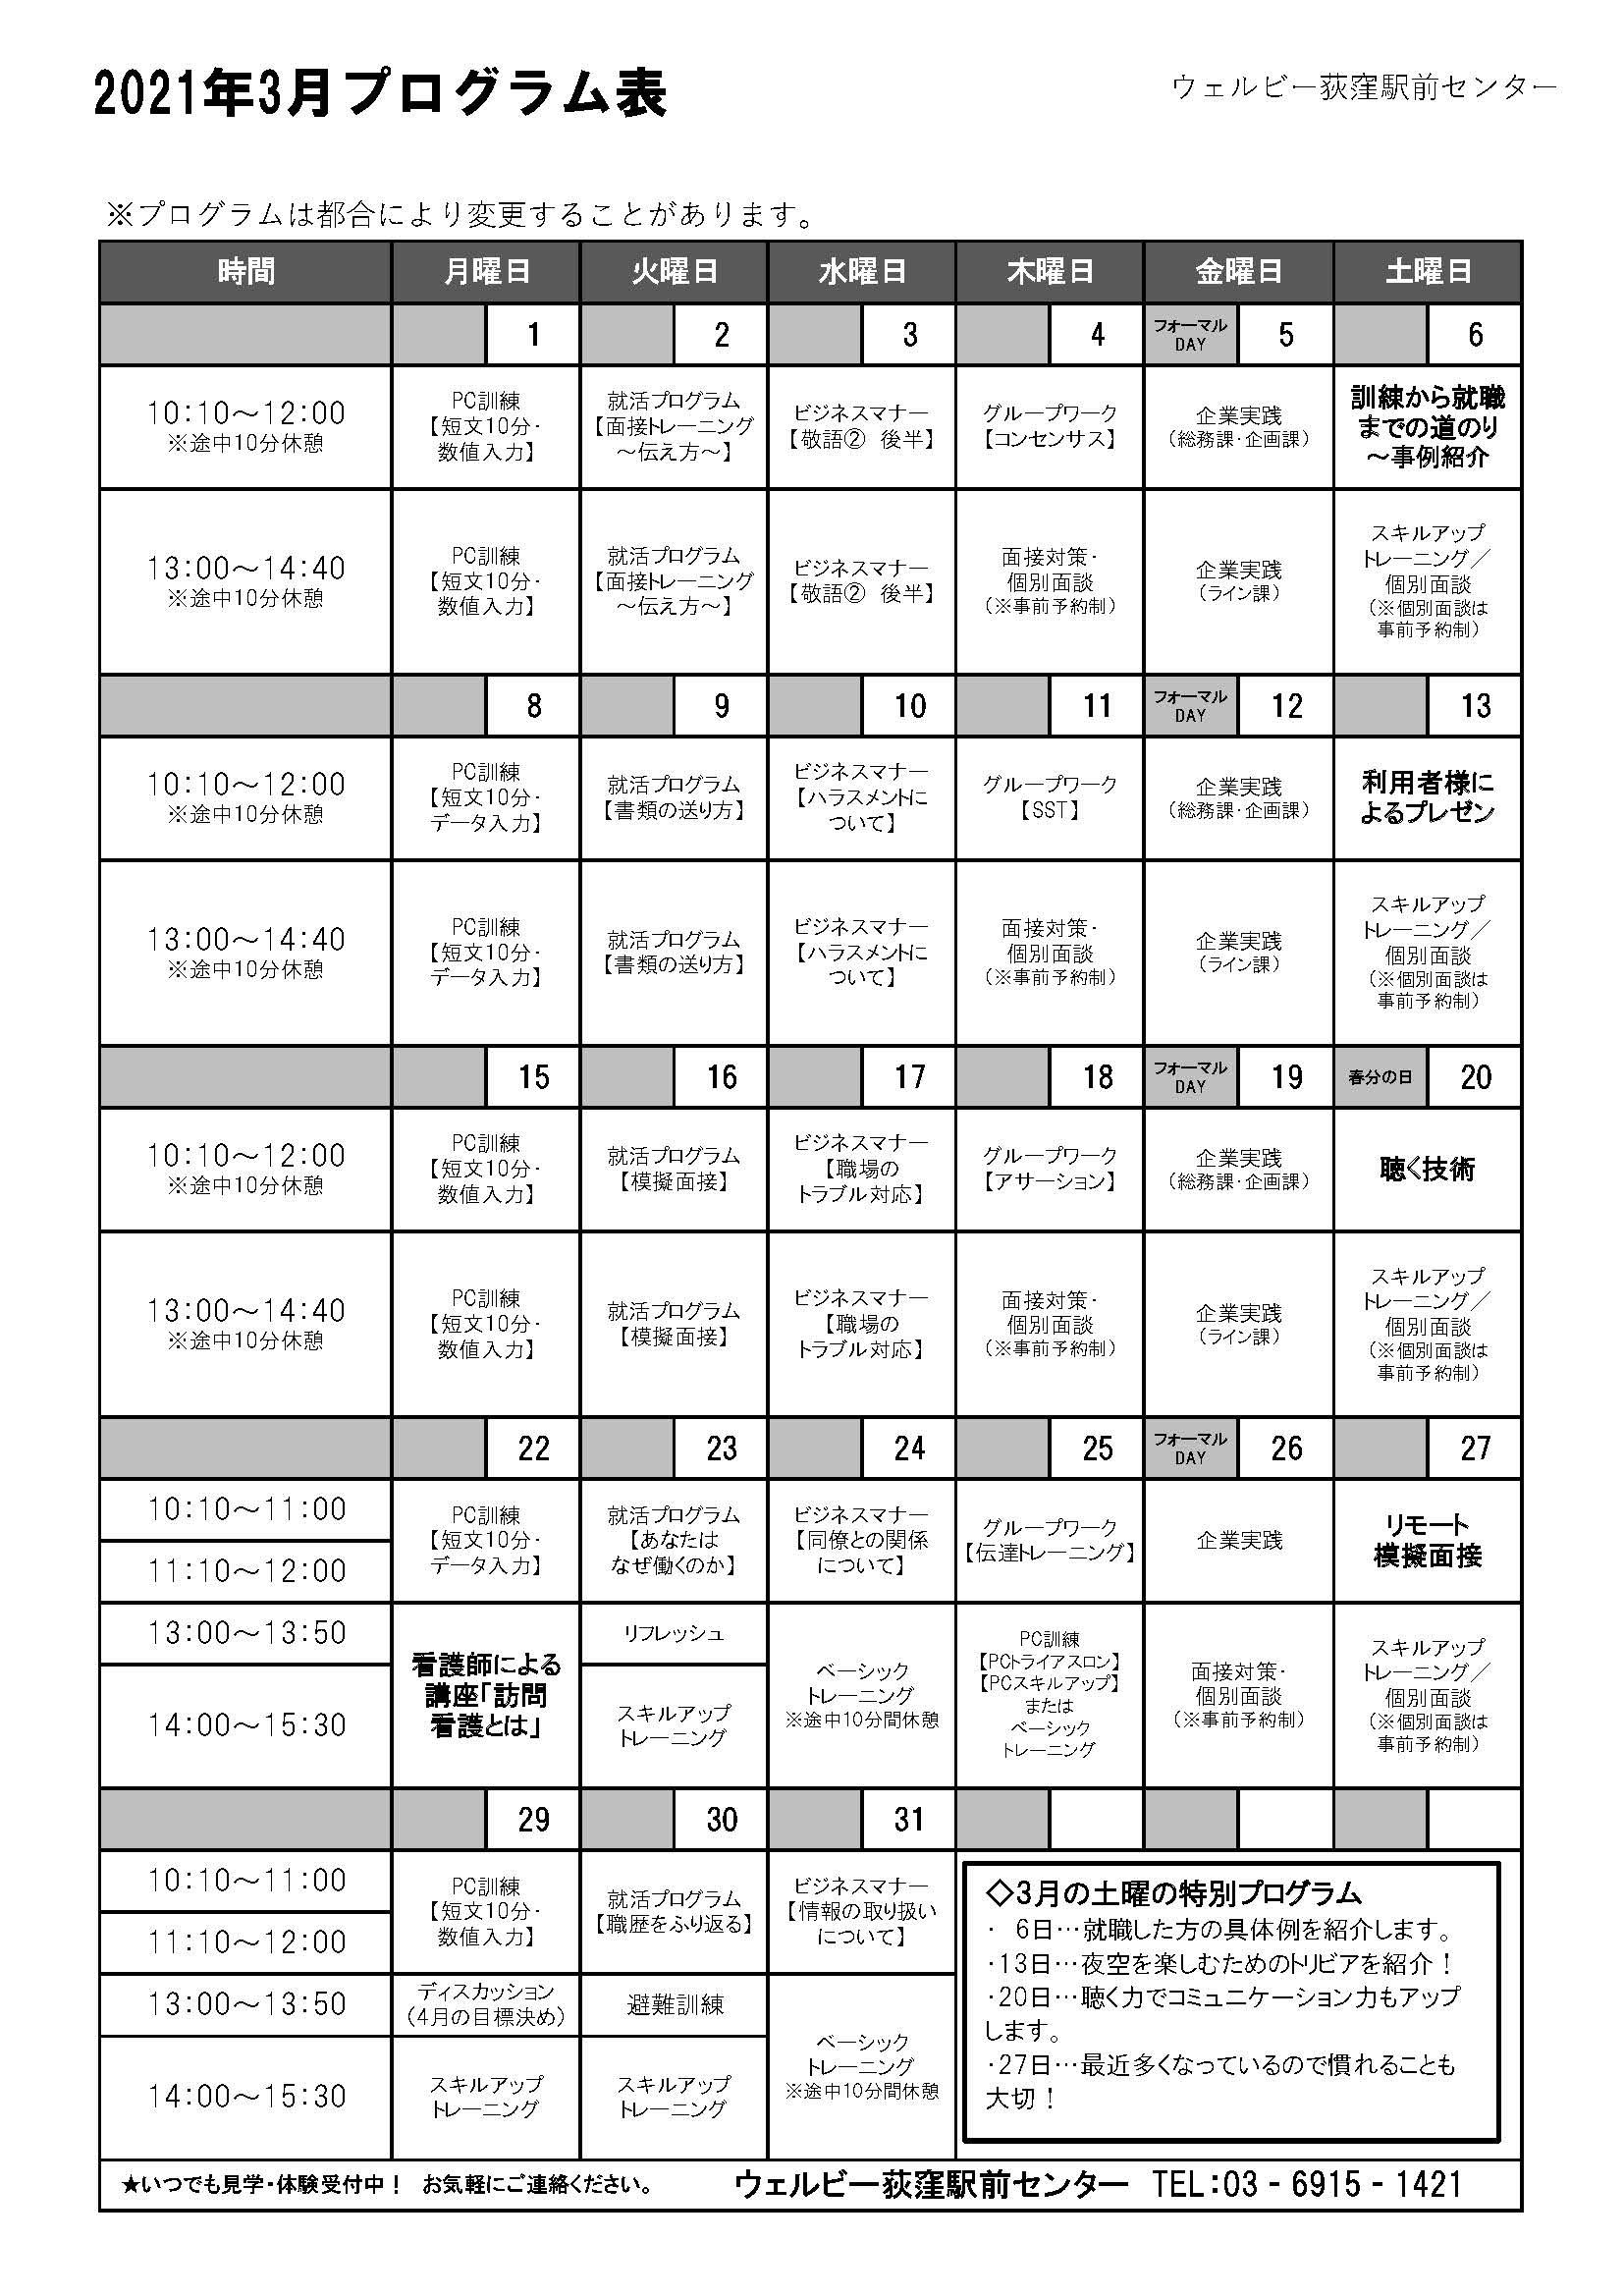 2021年3月プログラム表